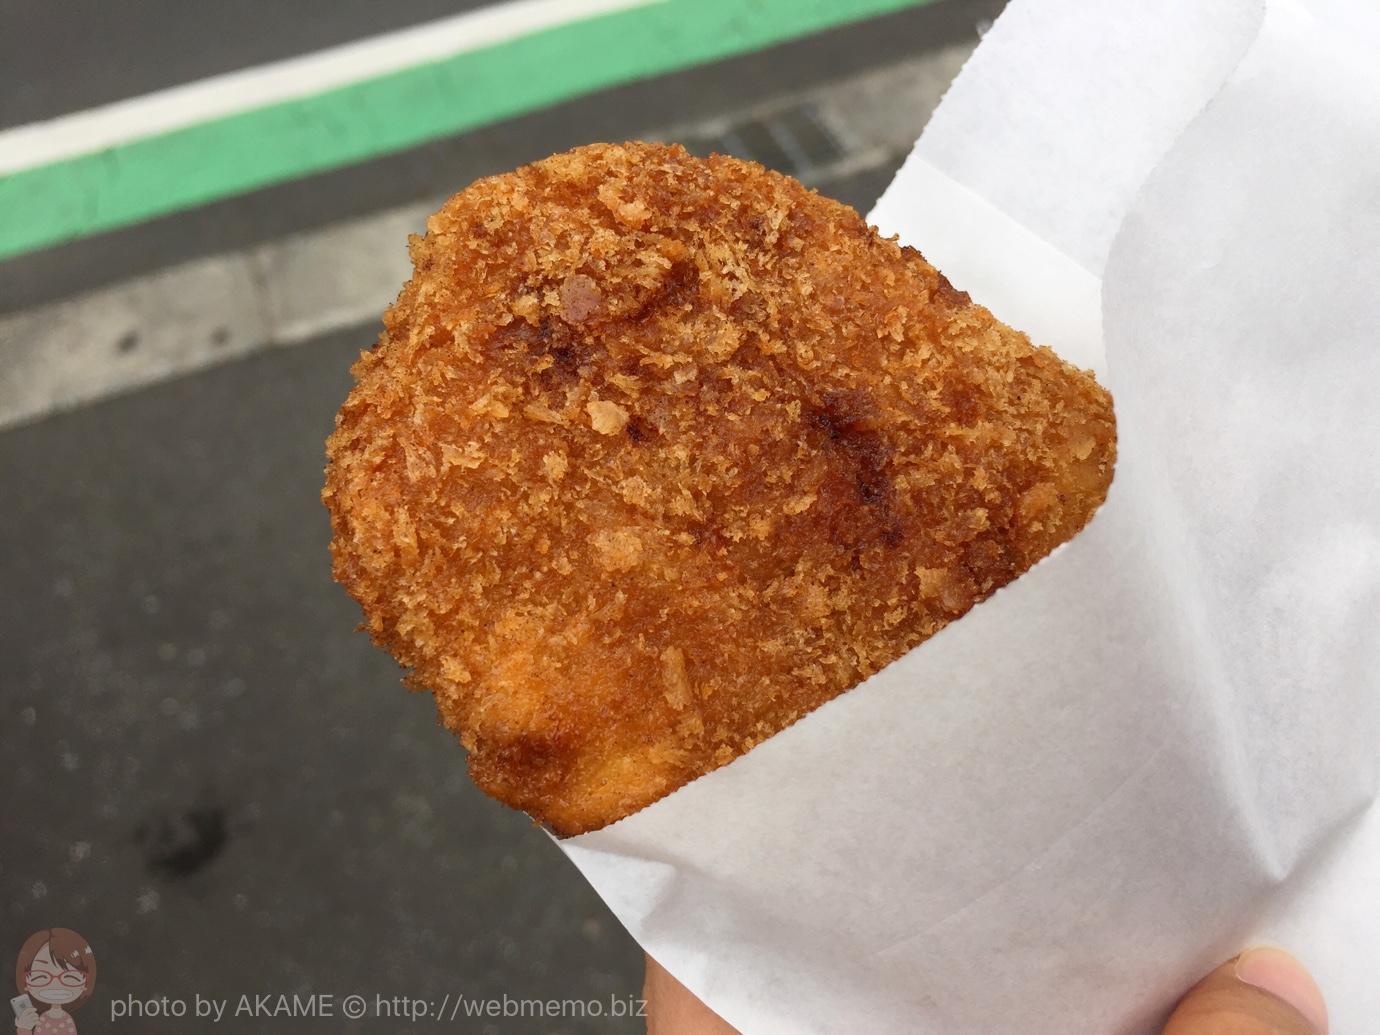 谷中銀座で食べ歩き!肉のすずきと肉のサトーのメンチカツ食べ比べが楽しい